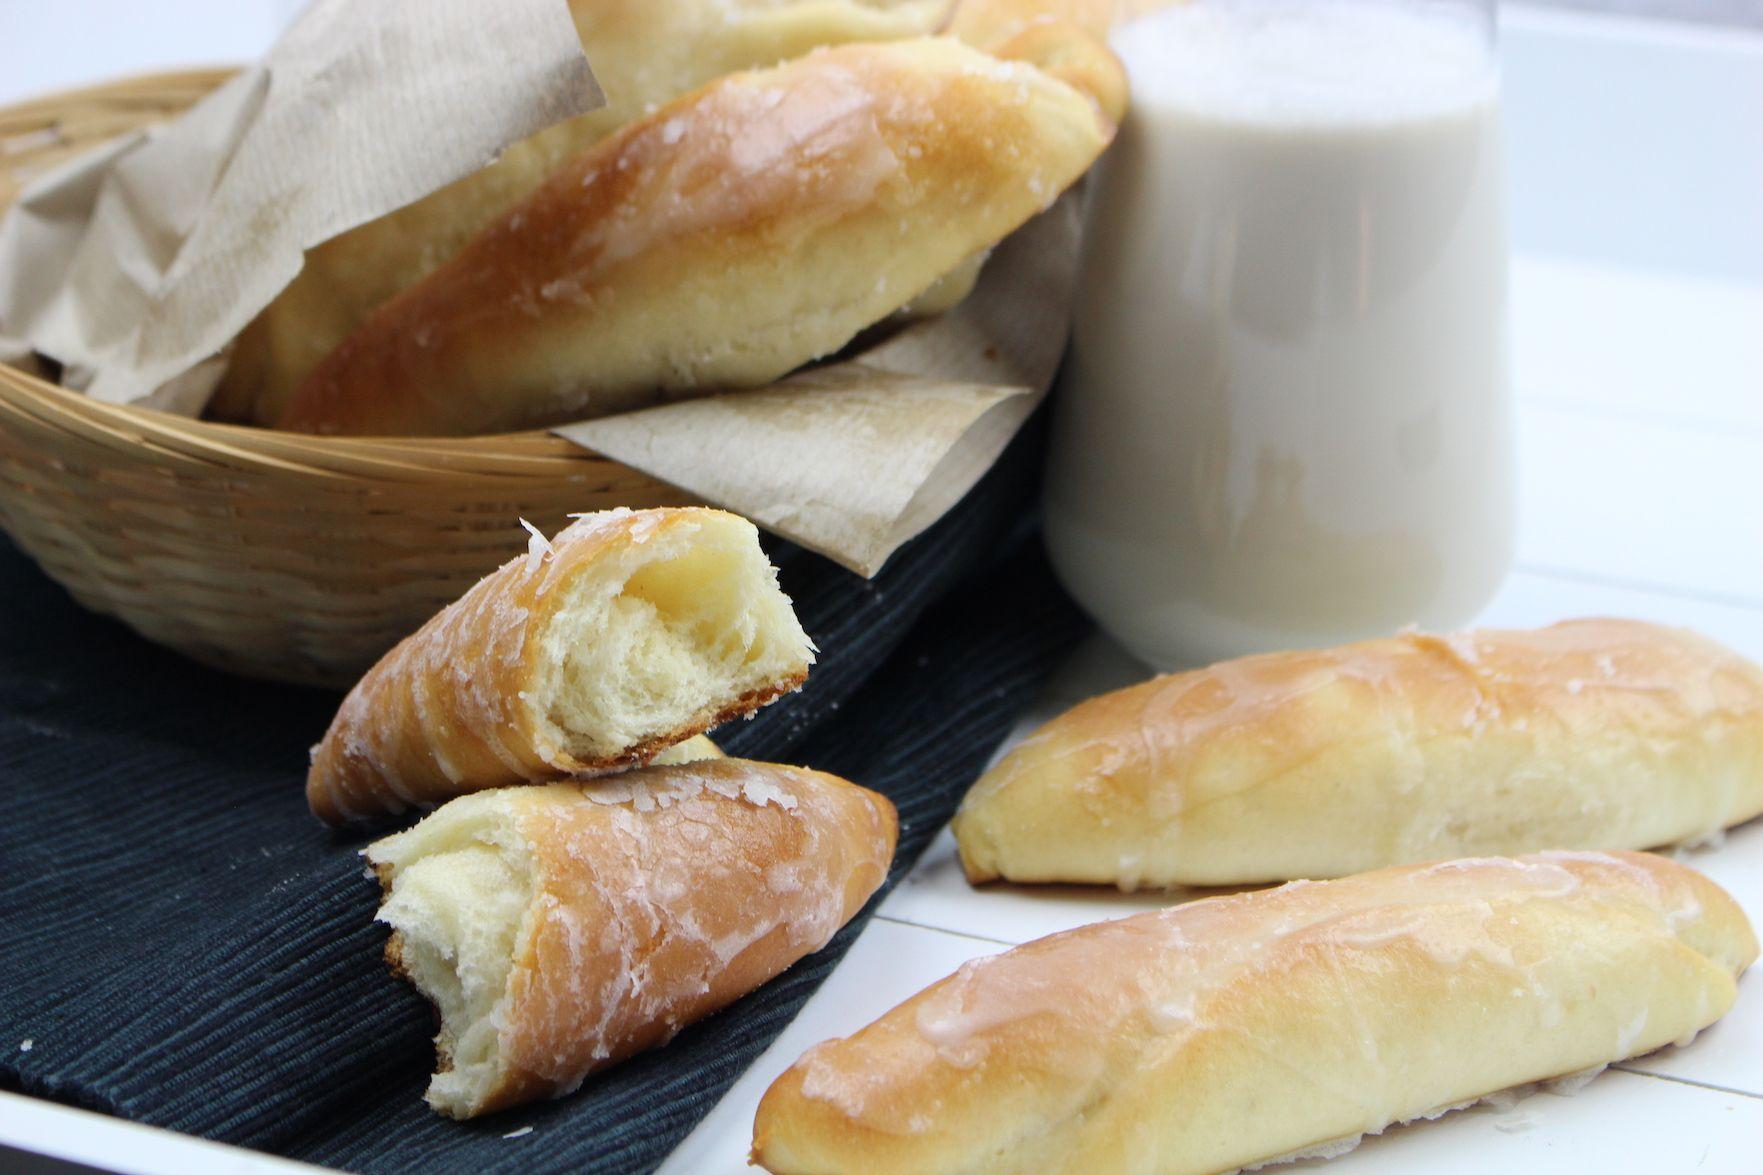 Fartons Con Glaseado De Horchata Receta Horchata Bollos Y Sin